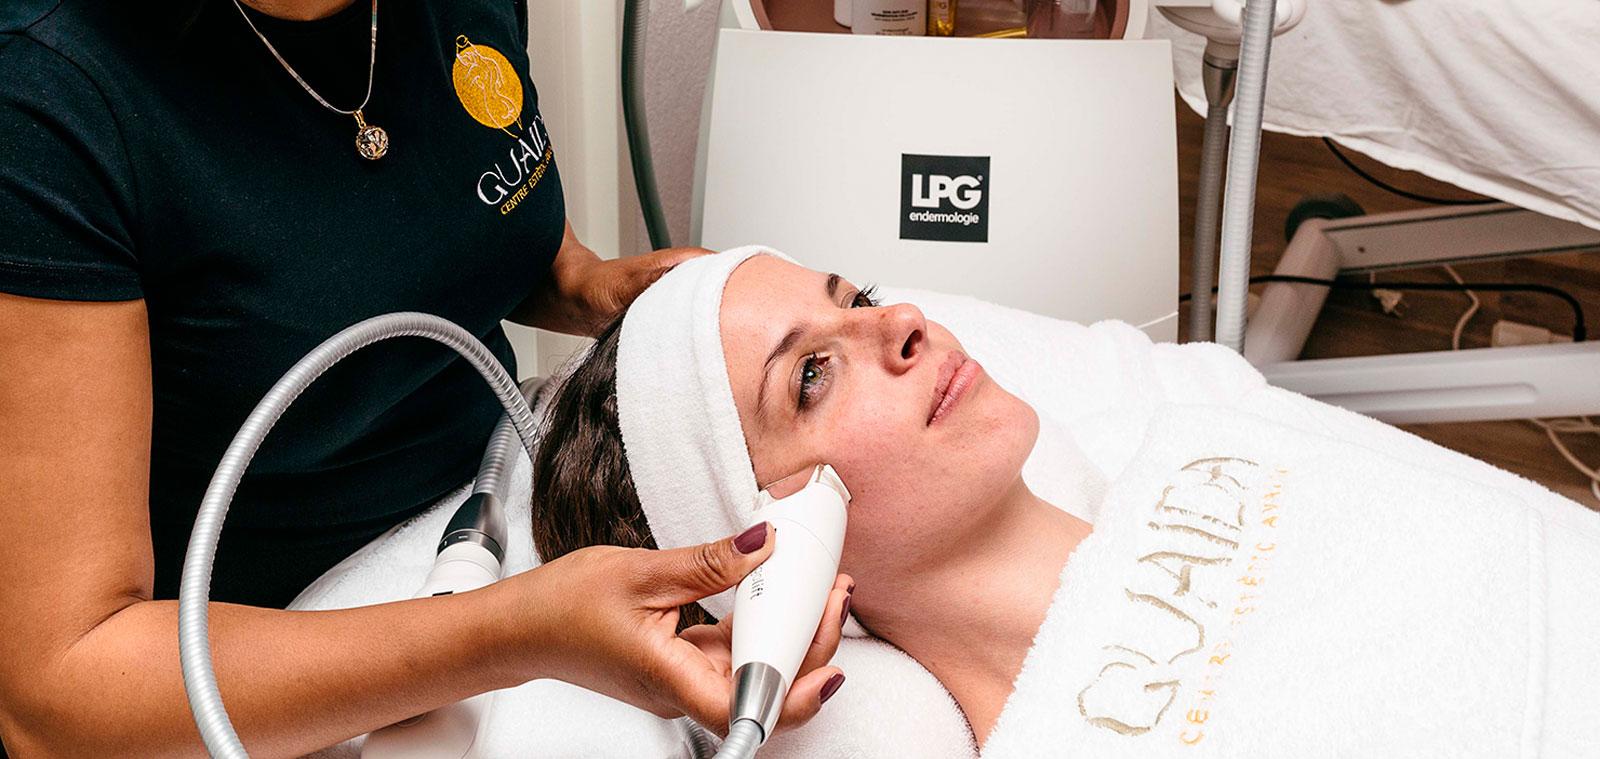 tractament estetic lpg alliance